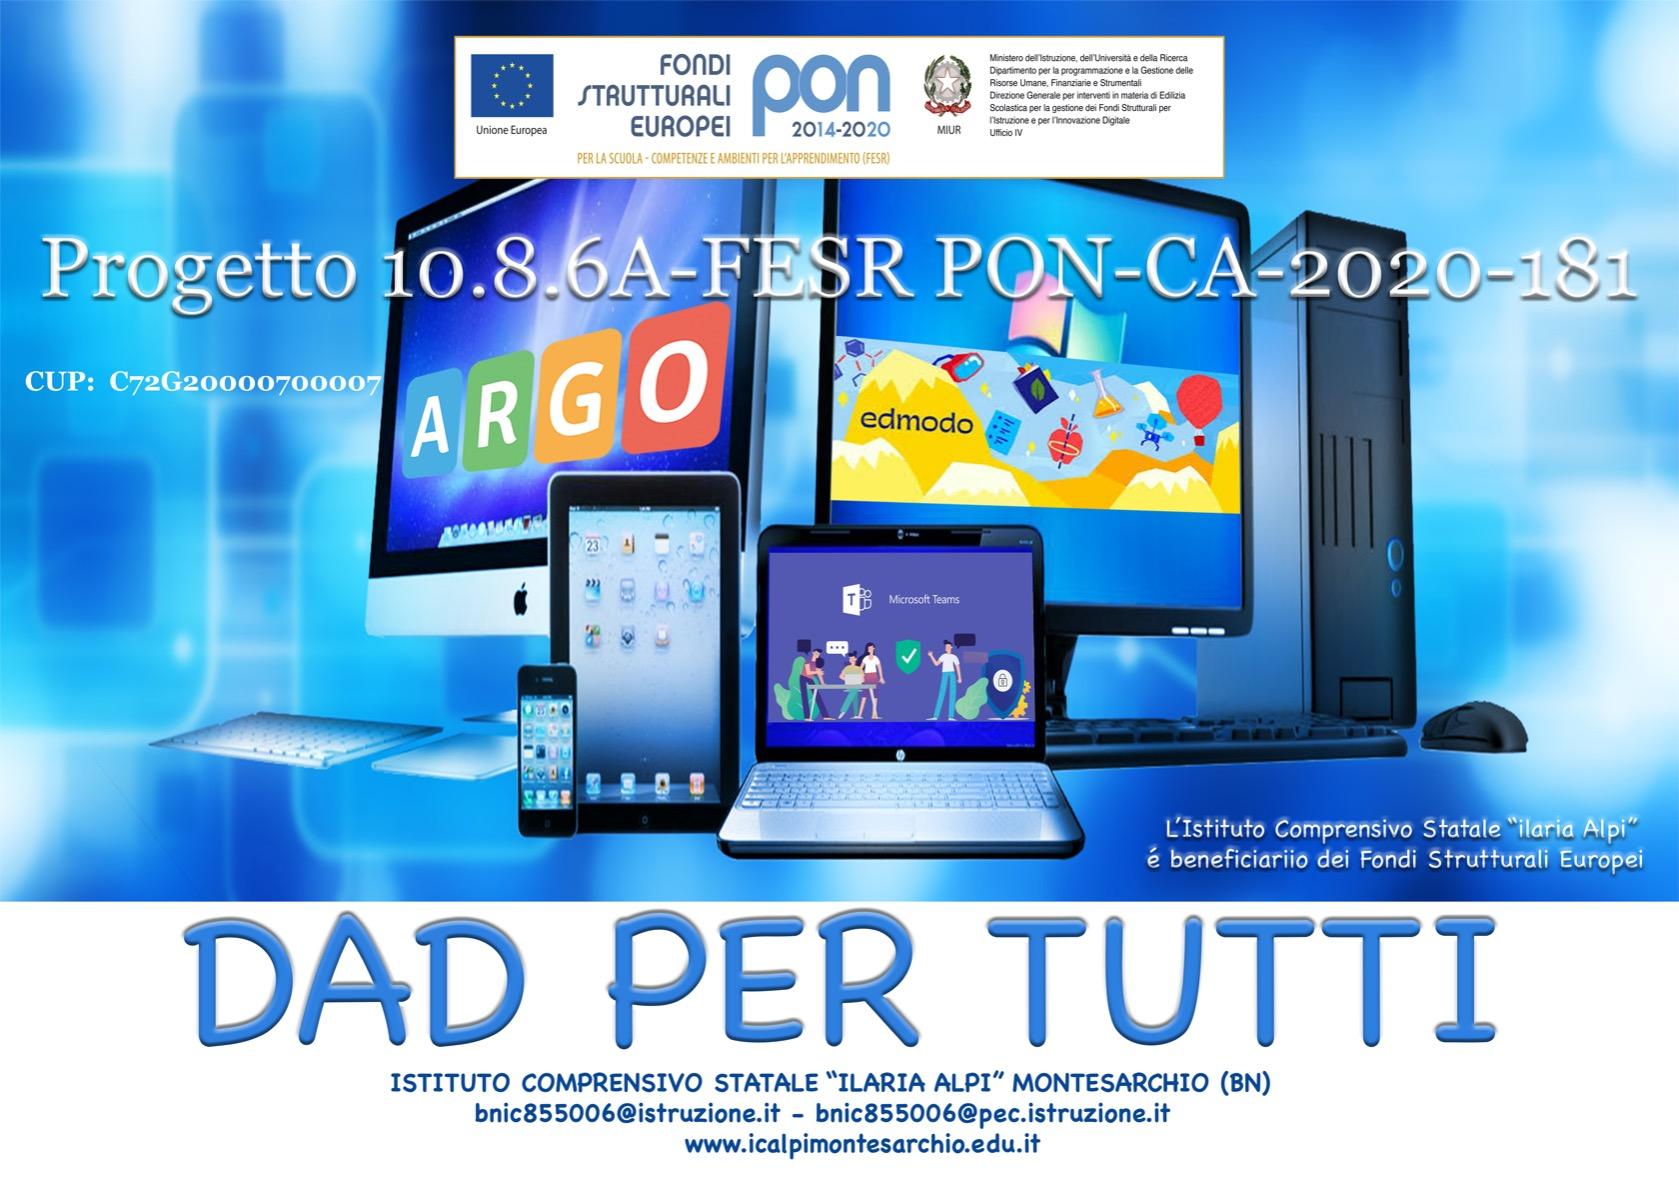 FESR 2020  - Progetto FESR autorizzato - DAD PE...